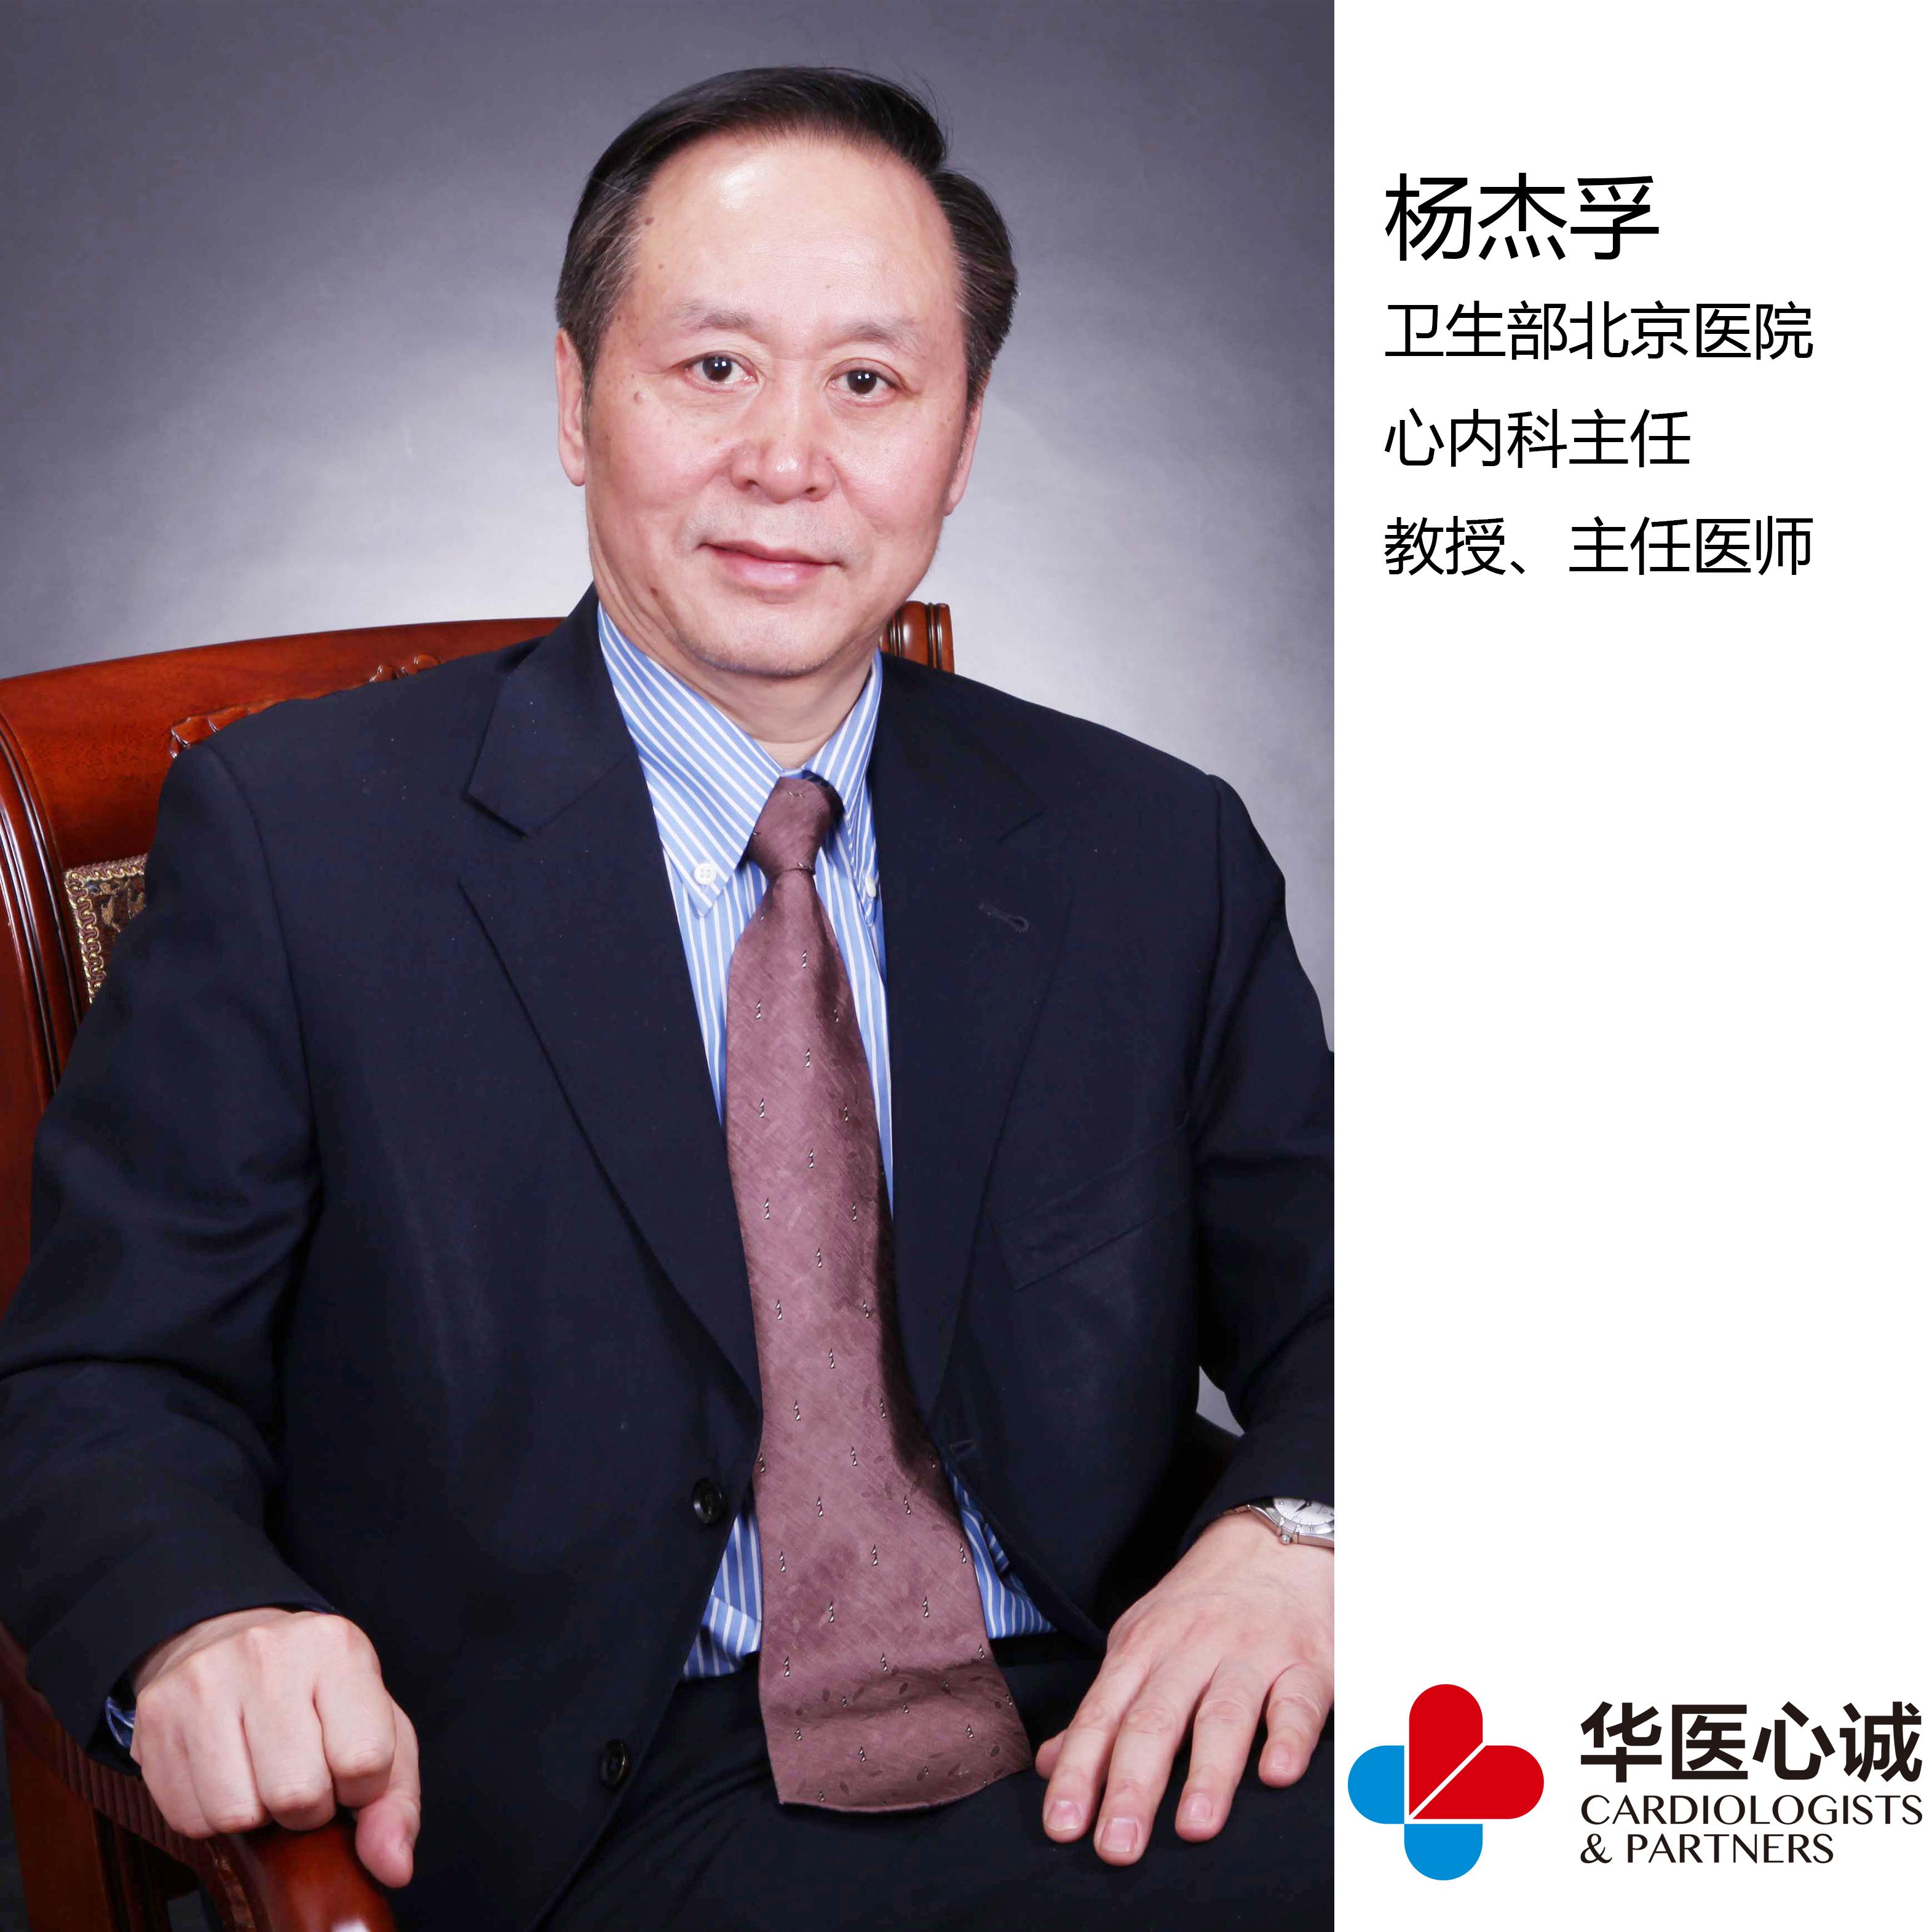 北京医院杨杰孚:老年心力衰竭的诊治特点